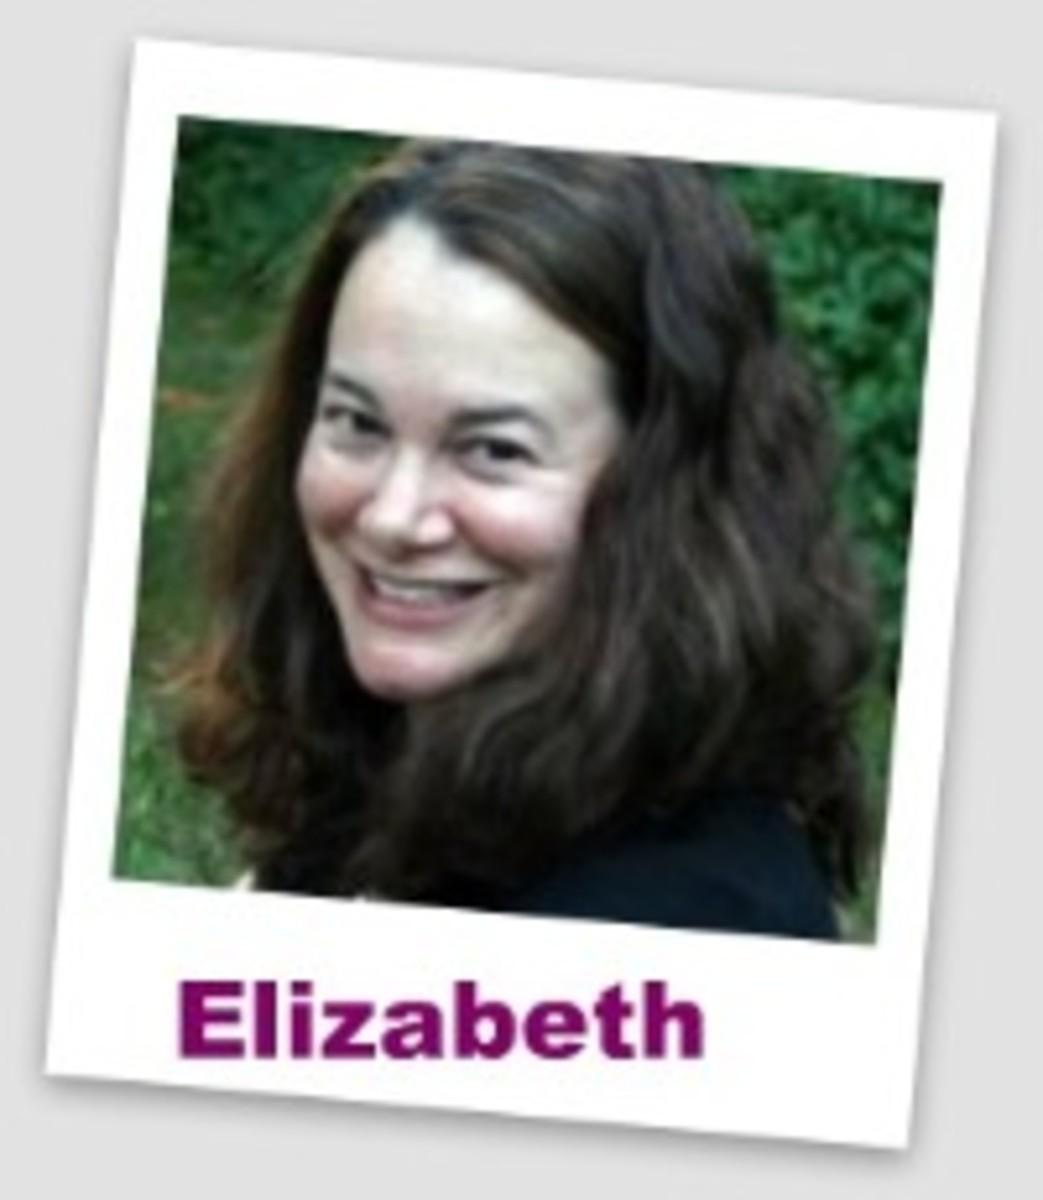 Elizabteth